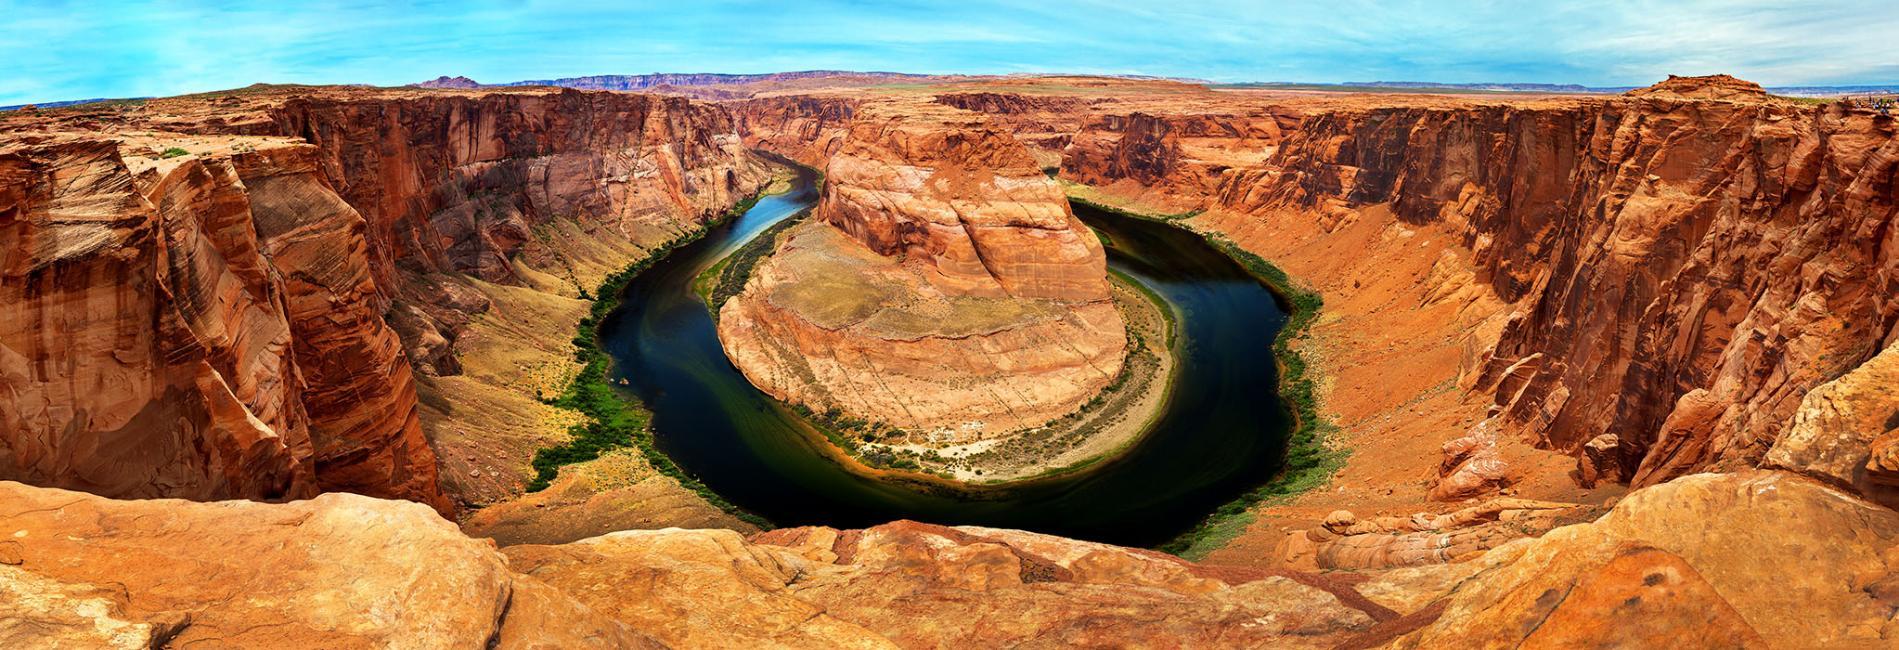 亞利桑那州一日遊 | 馬蹄灣&上/下羚羊峽谷 | 拉斯維加斯出發